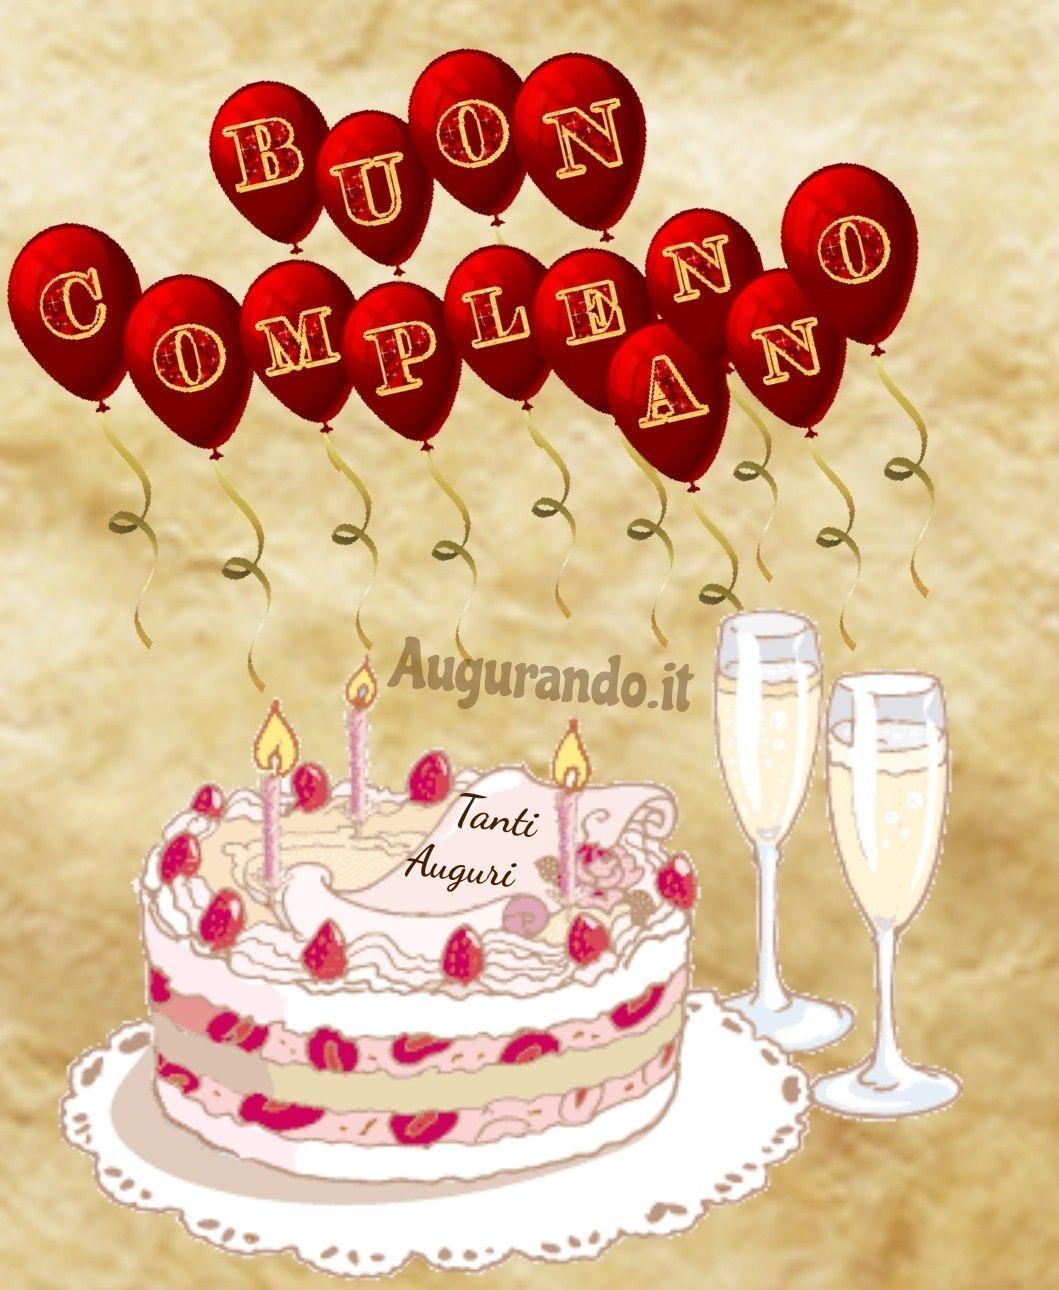 Buon Compleanno Buon Compleanno Auguri Di Buon Compleanno Buon Compleanno Foto